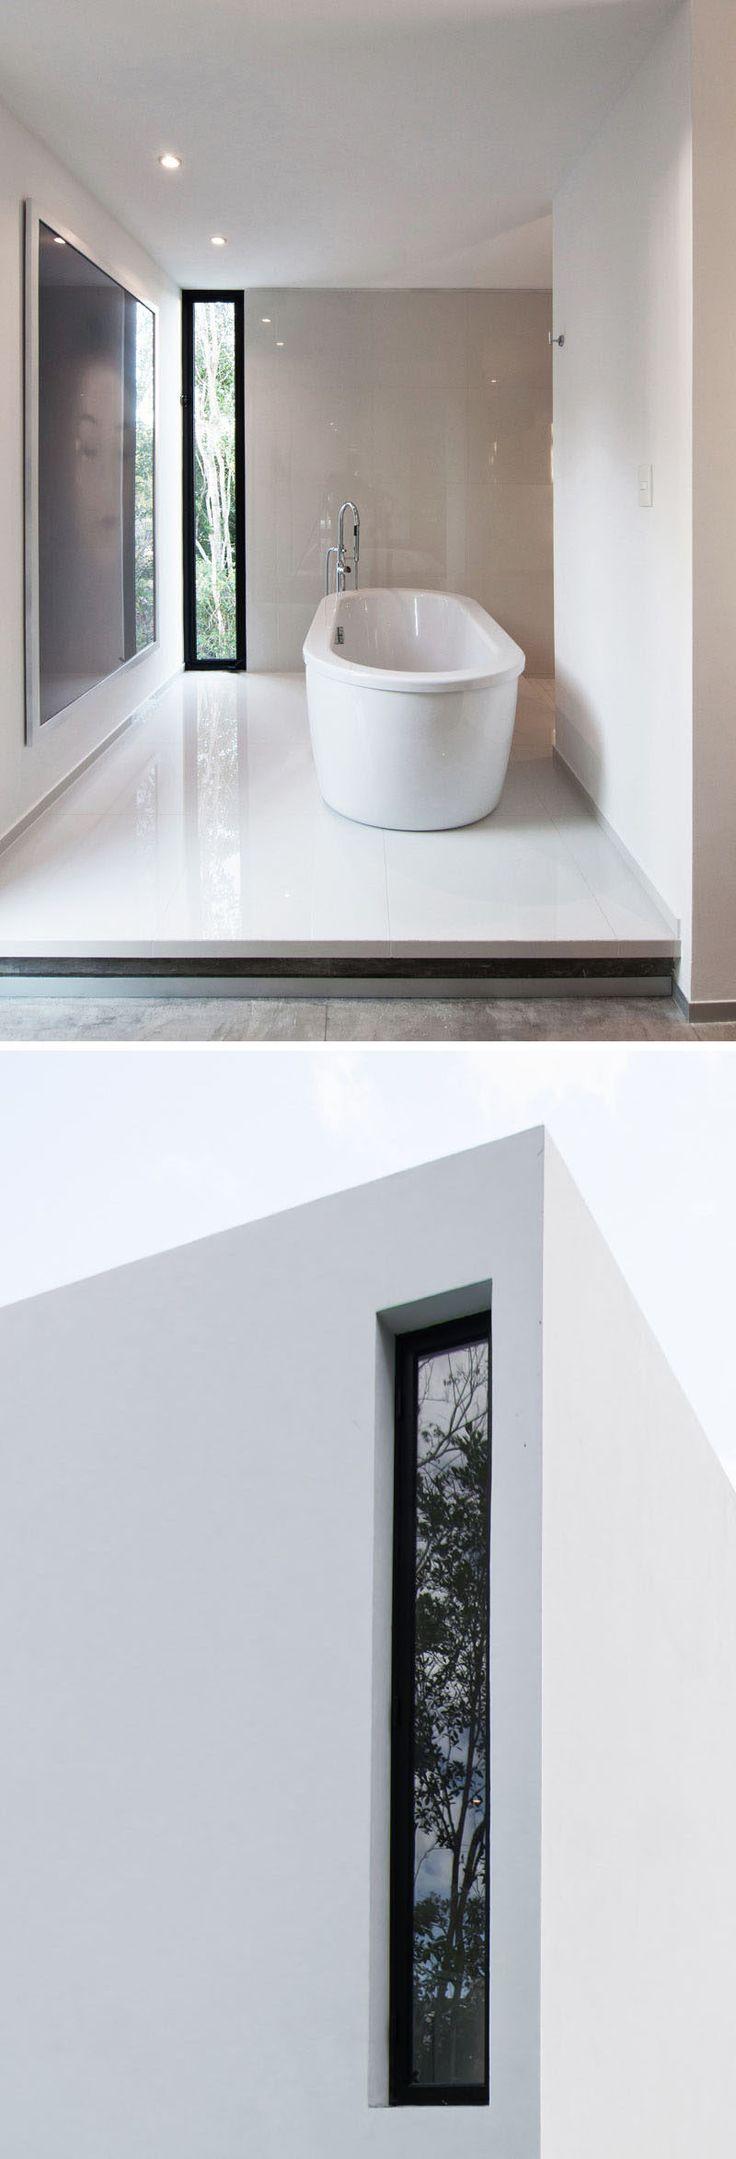 salle de bain troite et longue ordinary salle de bain etroite et longue les meilleures ides de. Black Bedroom Furniture Sets. Home Design Ideas